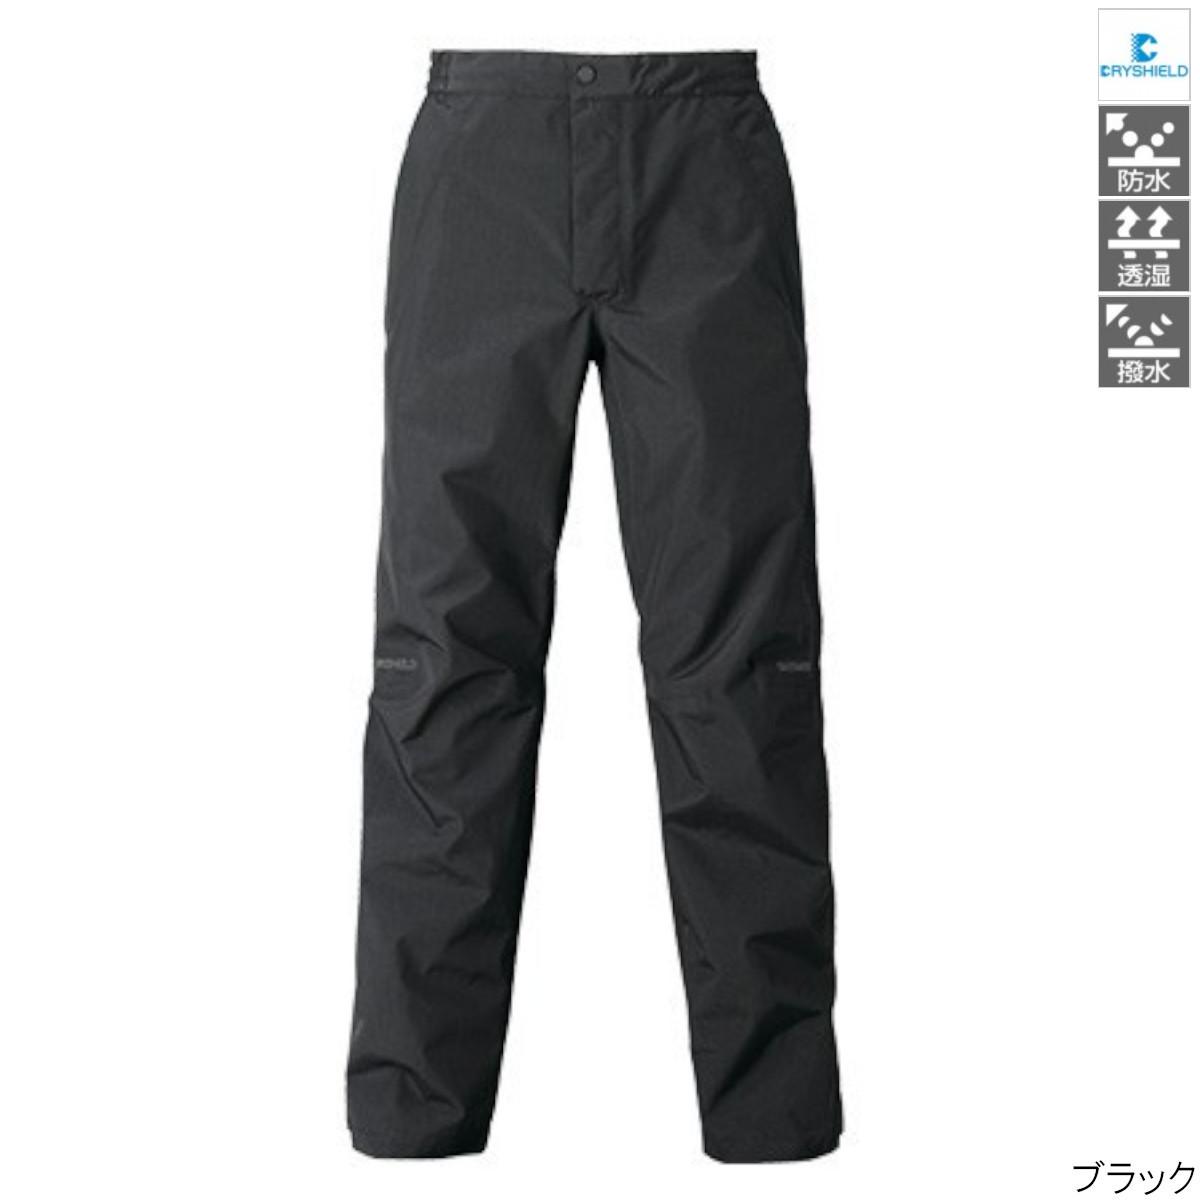 【8日最大8千円オフクーポン!】シマノ DSエクスプローラーレインパンツ RA-04PT Ls ブラック